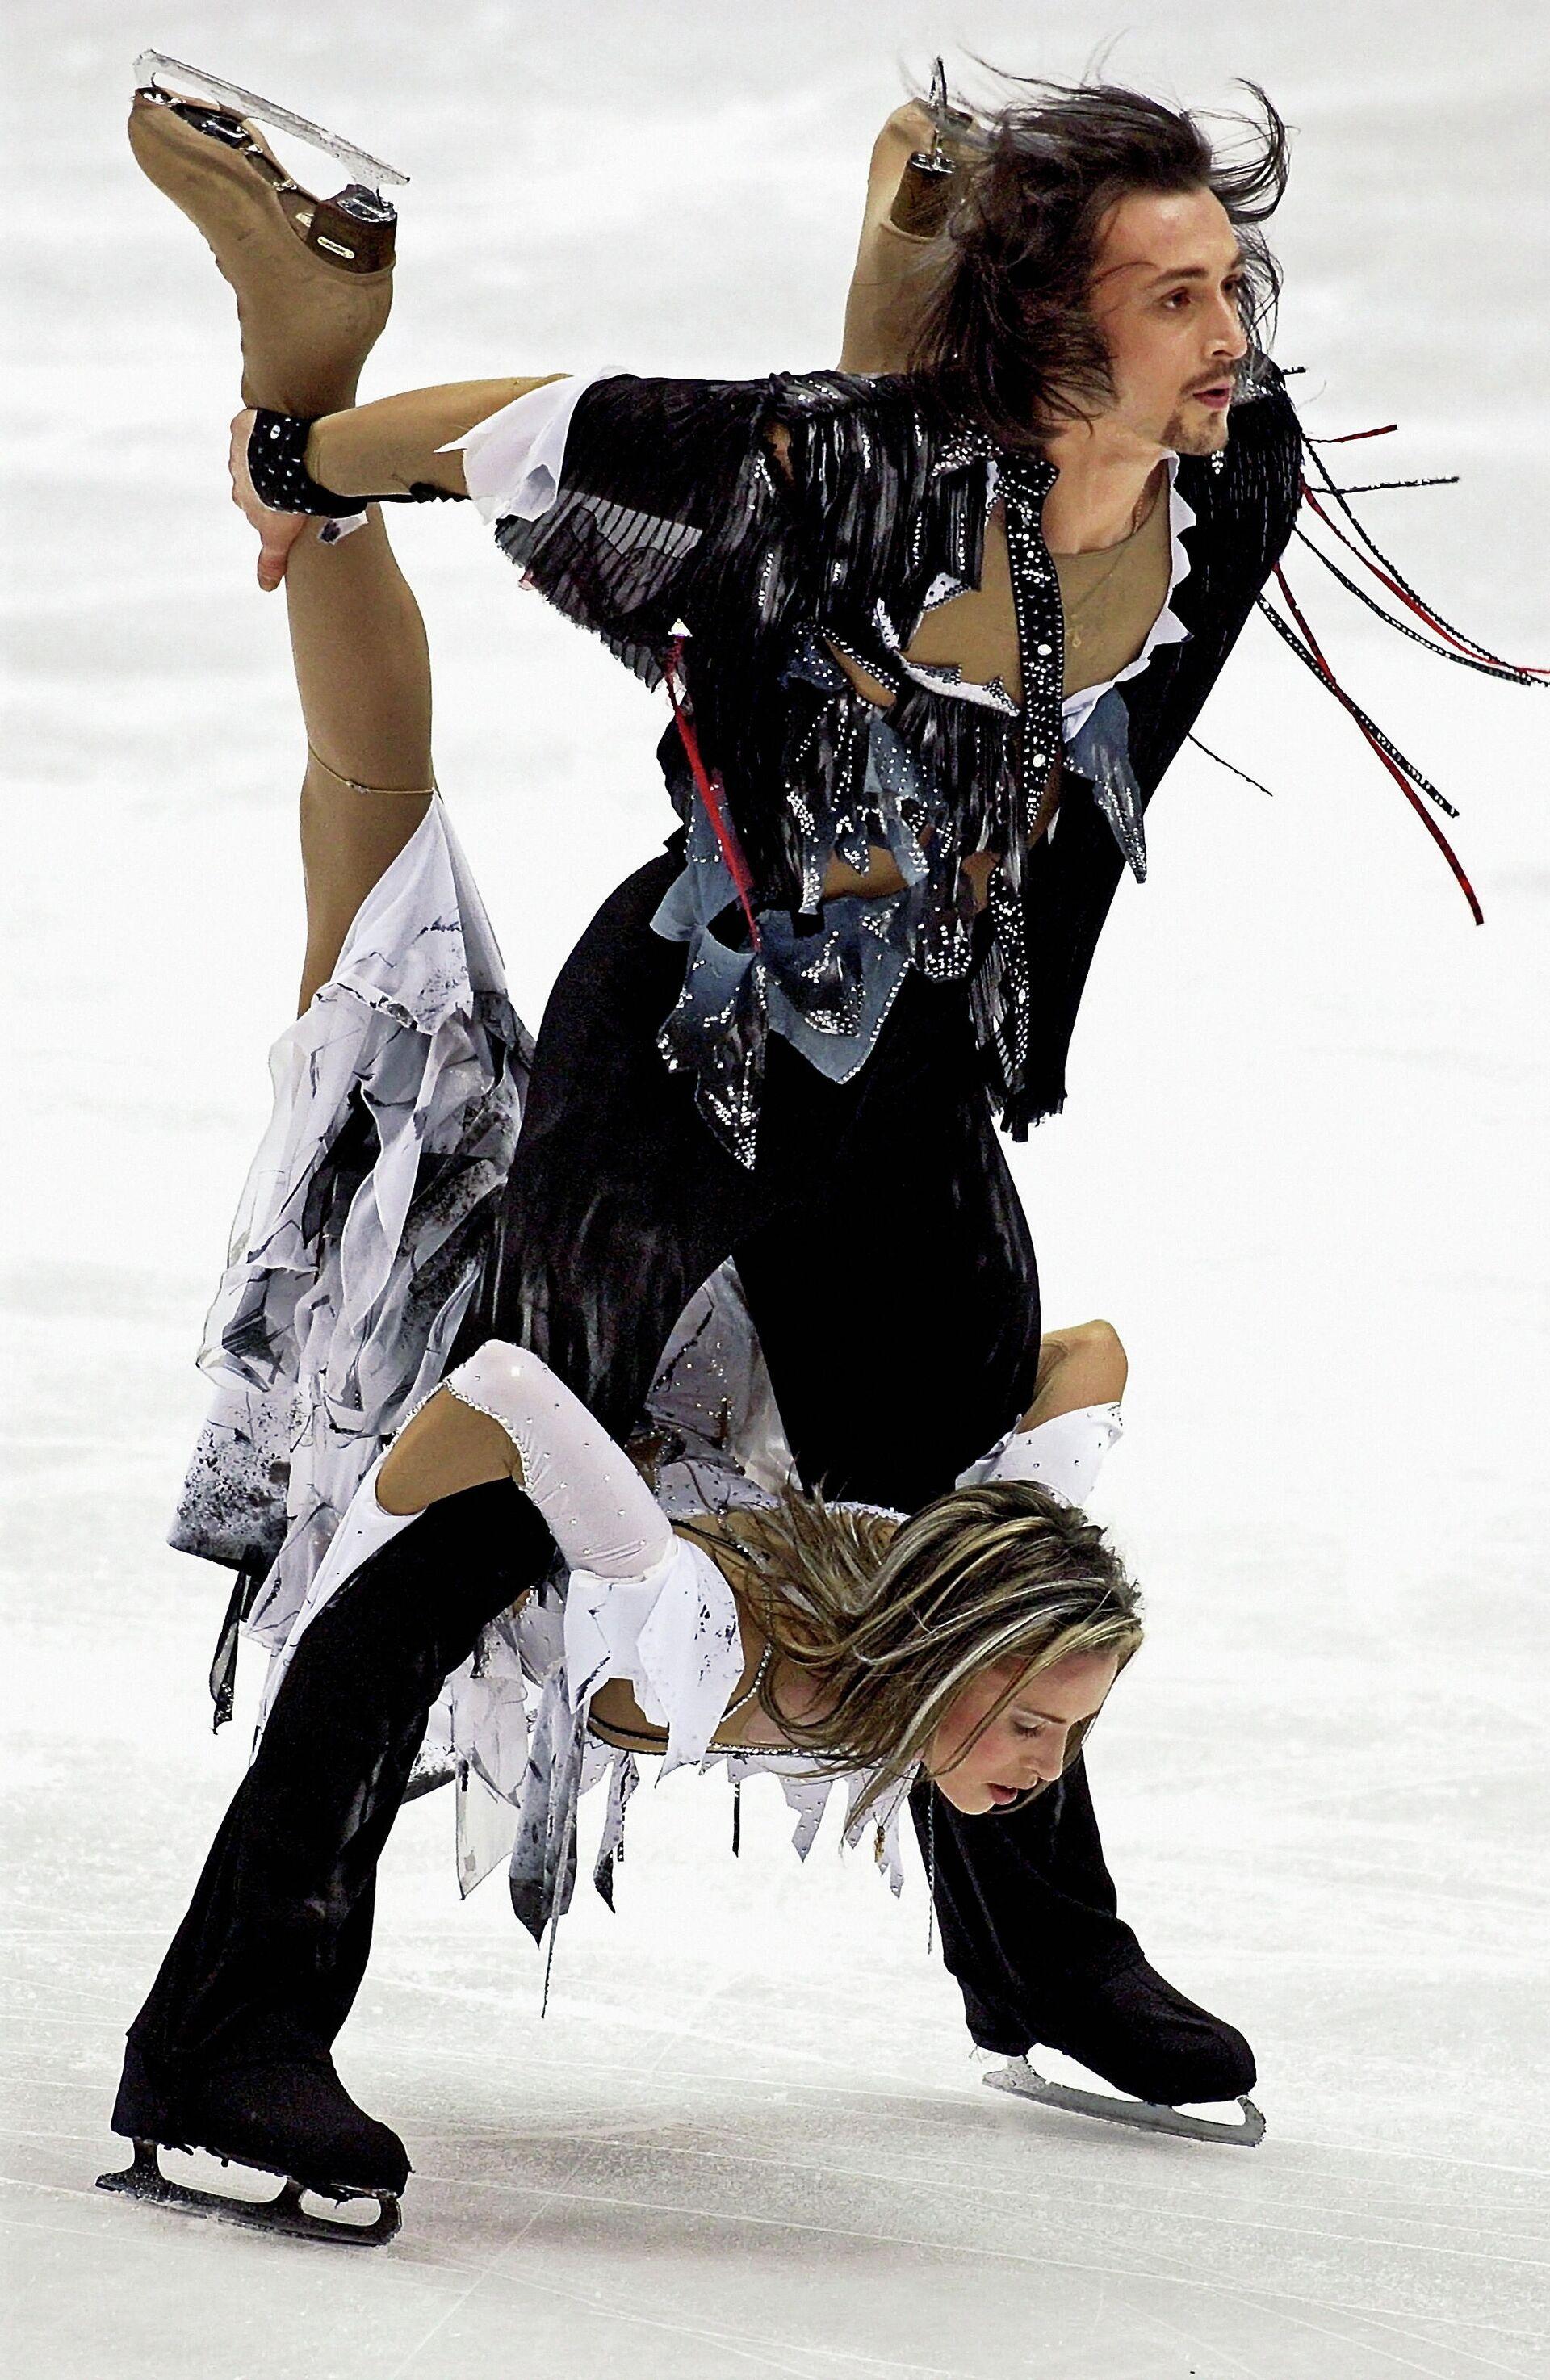 Ирина Лобачева и Илья Авербух на Олимпийских играх 2002 года - РИА Новости, 1920, 22.02.2021